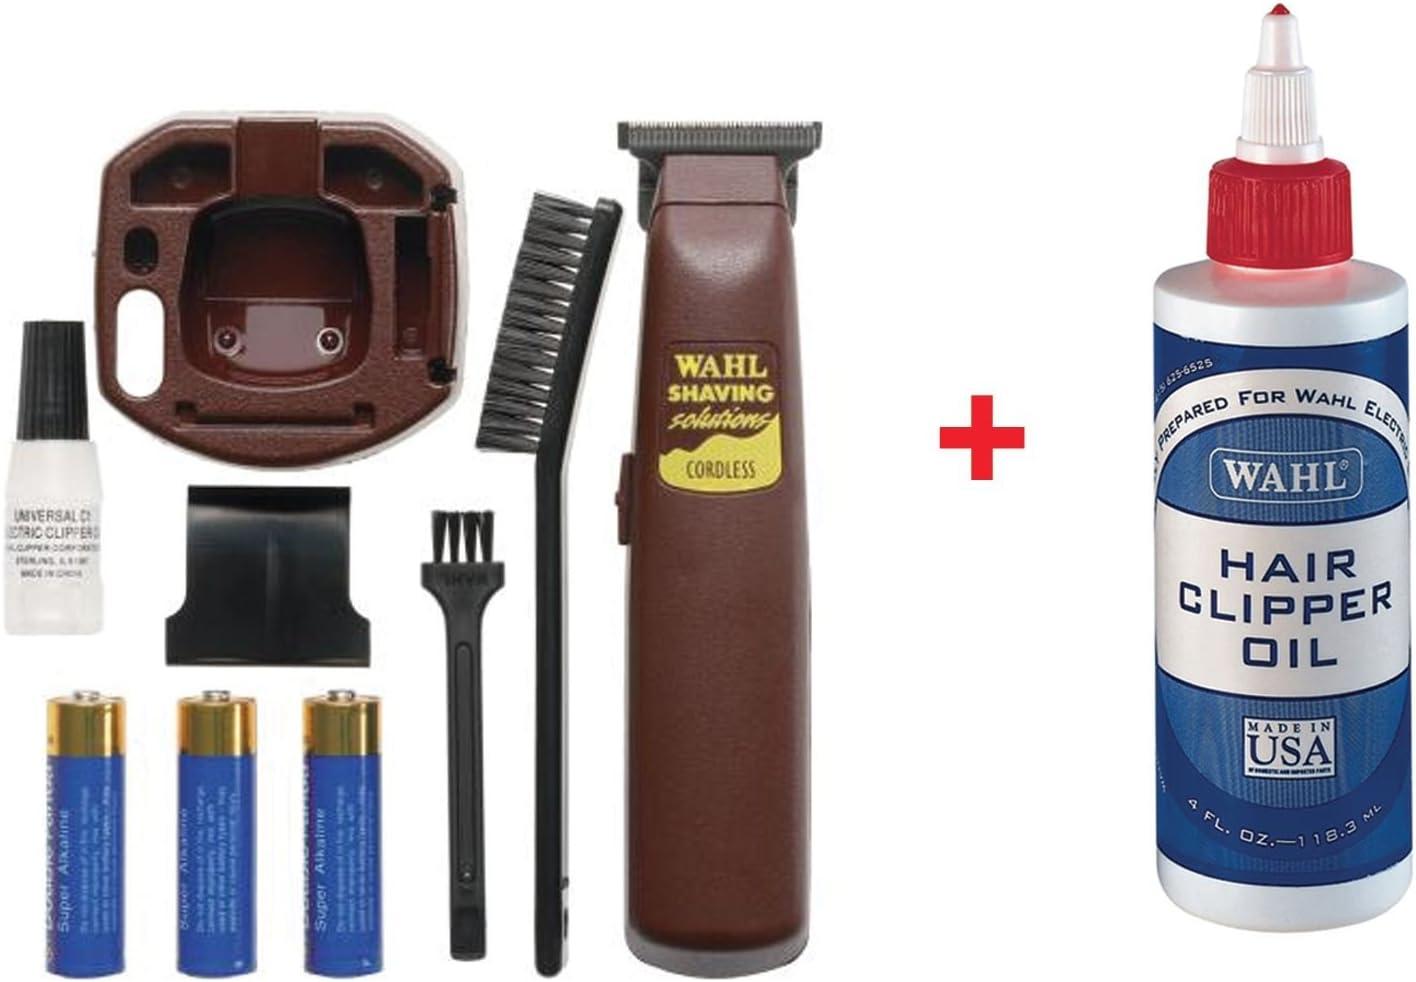 Wahl 9945 – 801 Was a Shaver batería de pelo trimmer afeitadora con extra libre elección 3310 Lubricante: Amazon.es: Salud y cuidado personal